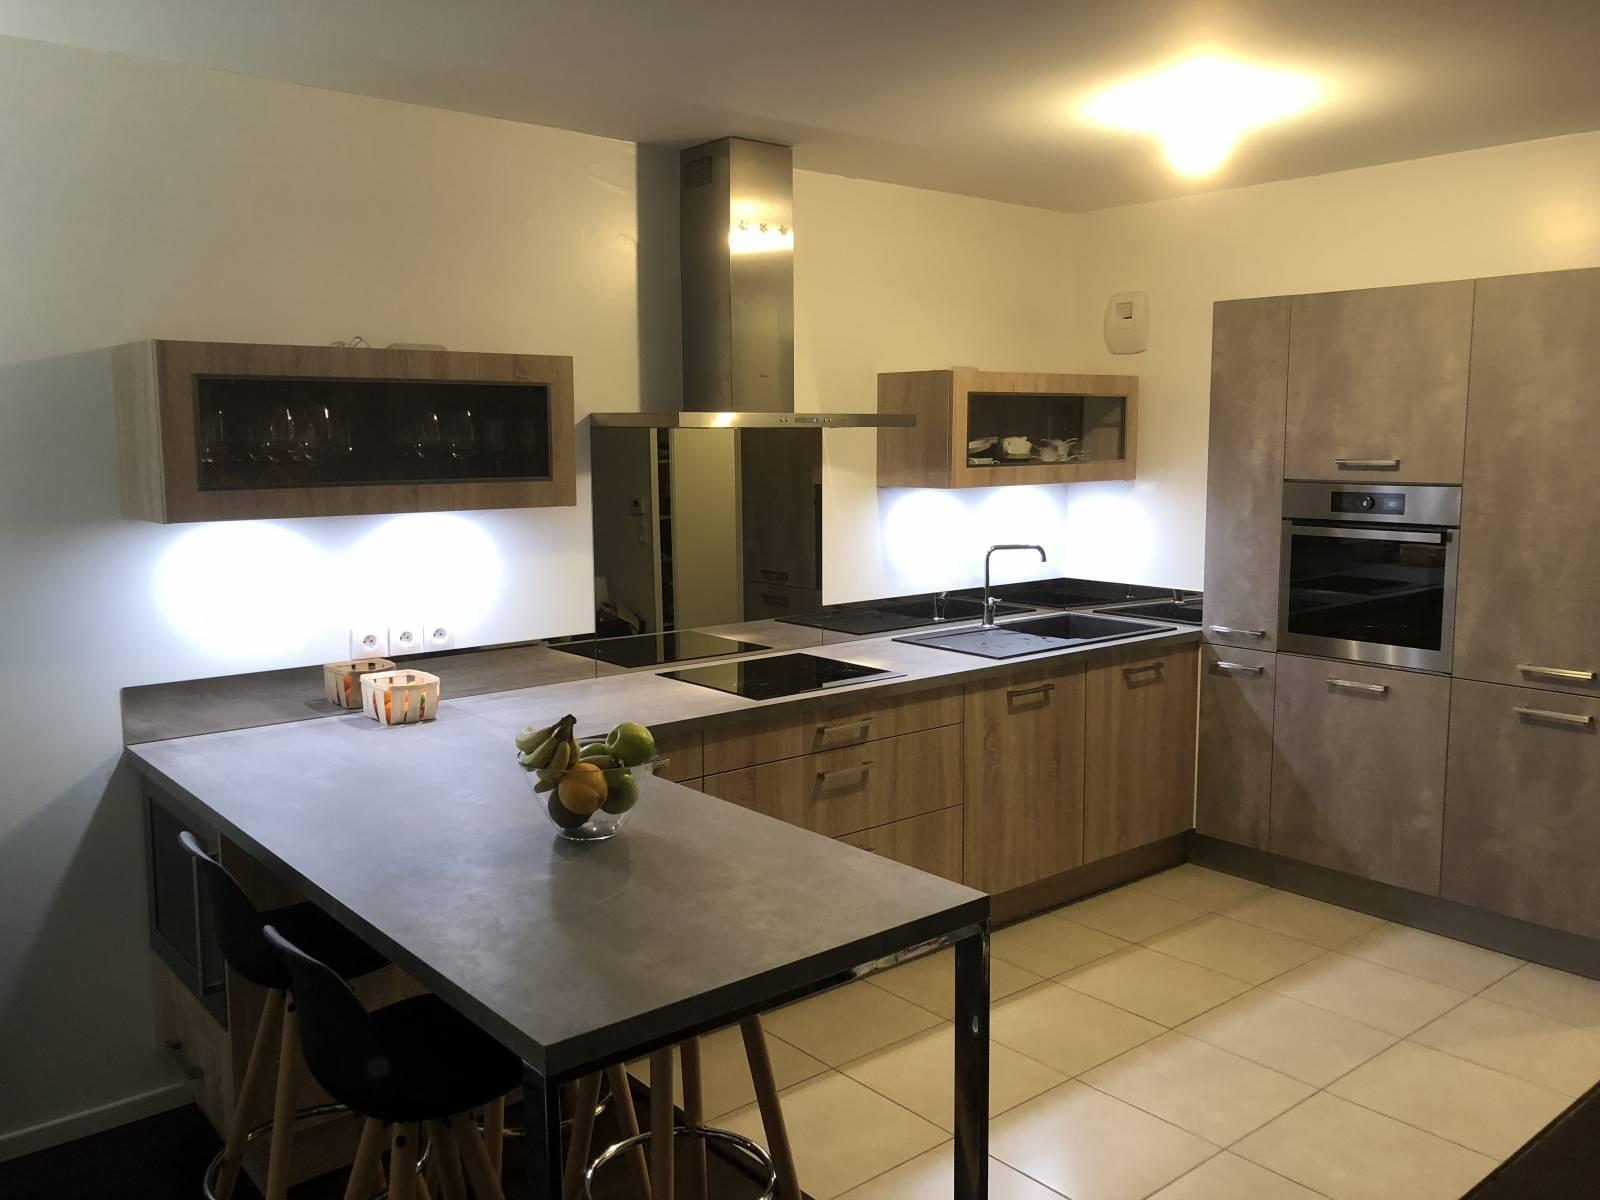 cuisine am nag e install e cenon conception de cuisines allemandes libourne cuisiligne. Black Bedroom Furniture Sets. Home Design Ideas